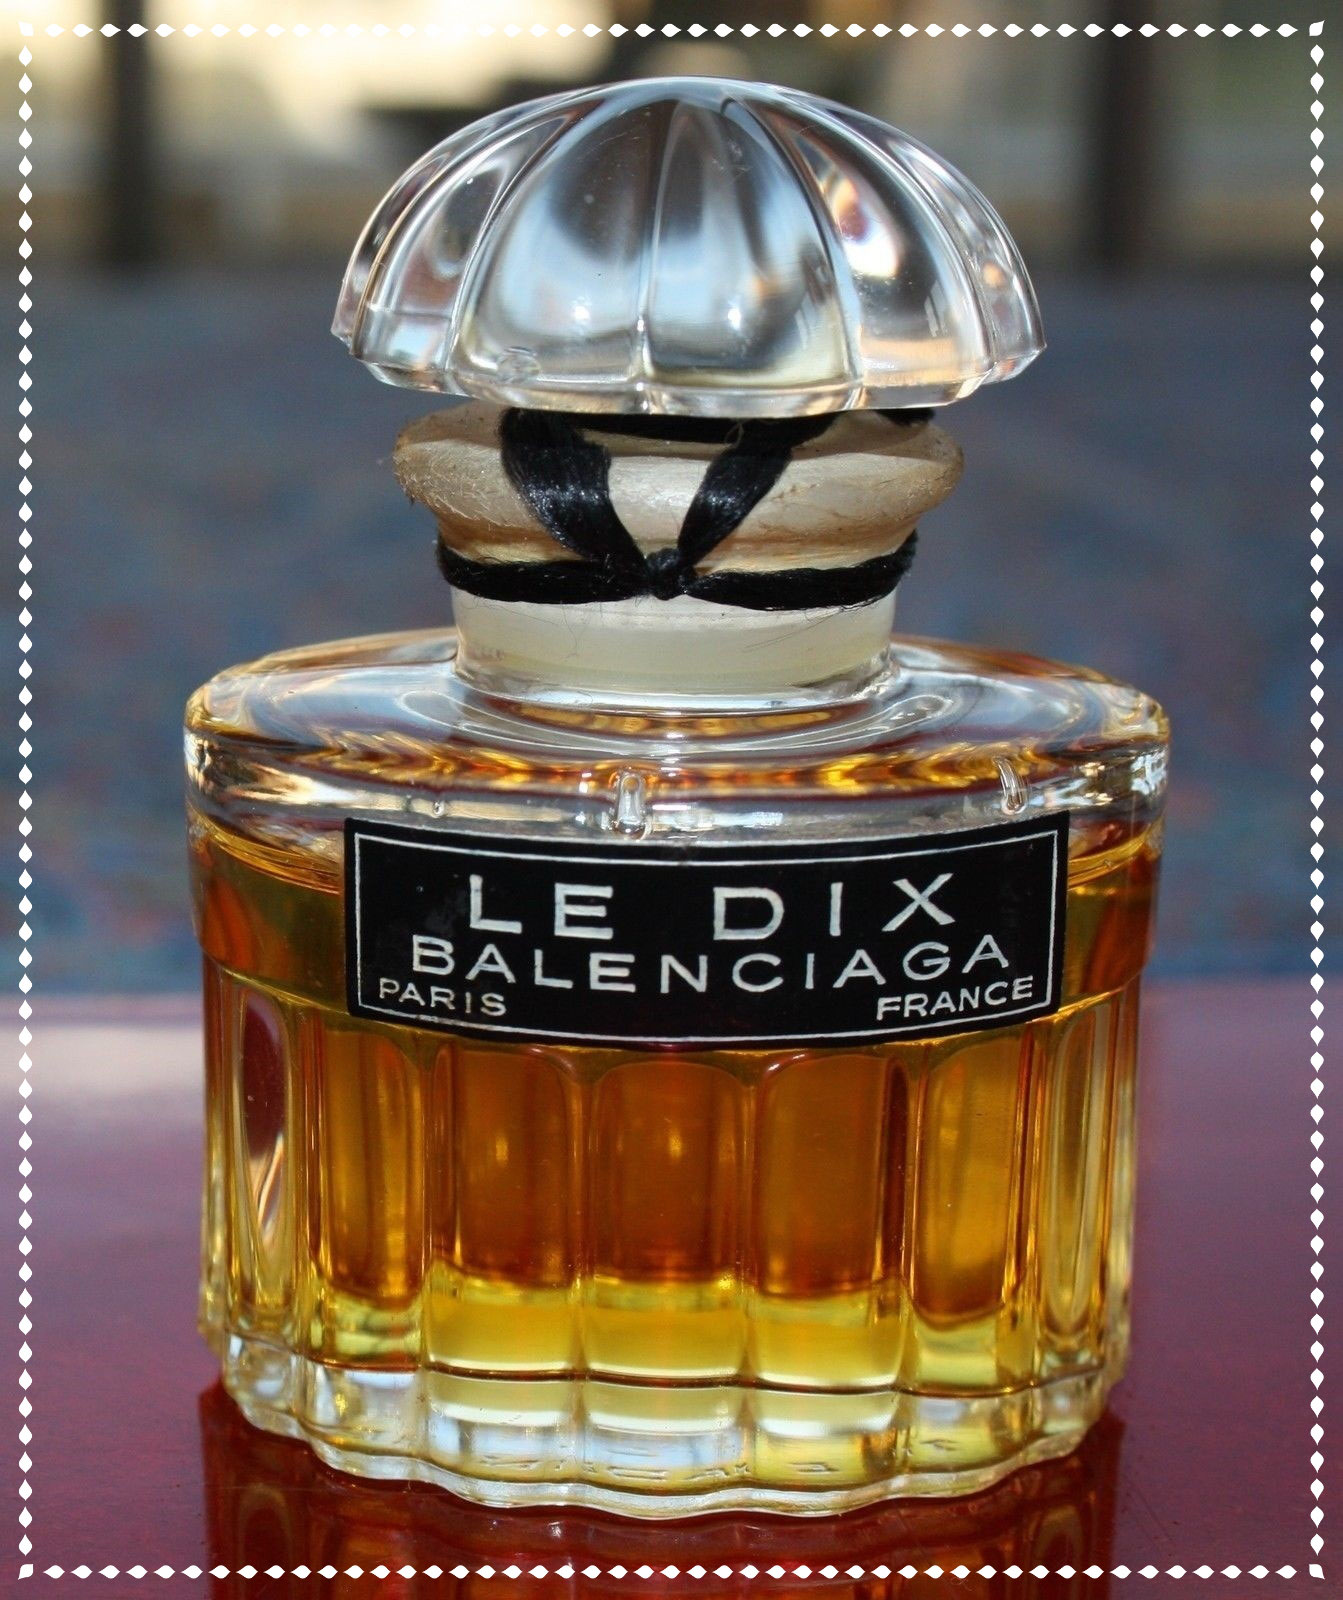 Augu CristobalCollectionsautourduparfum Balenciaga Balenciaga Annick Annick CristobalCollectionsautourduparfum Par Par BoedCx